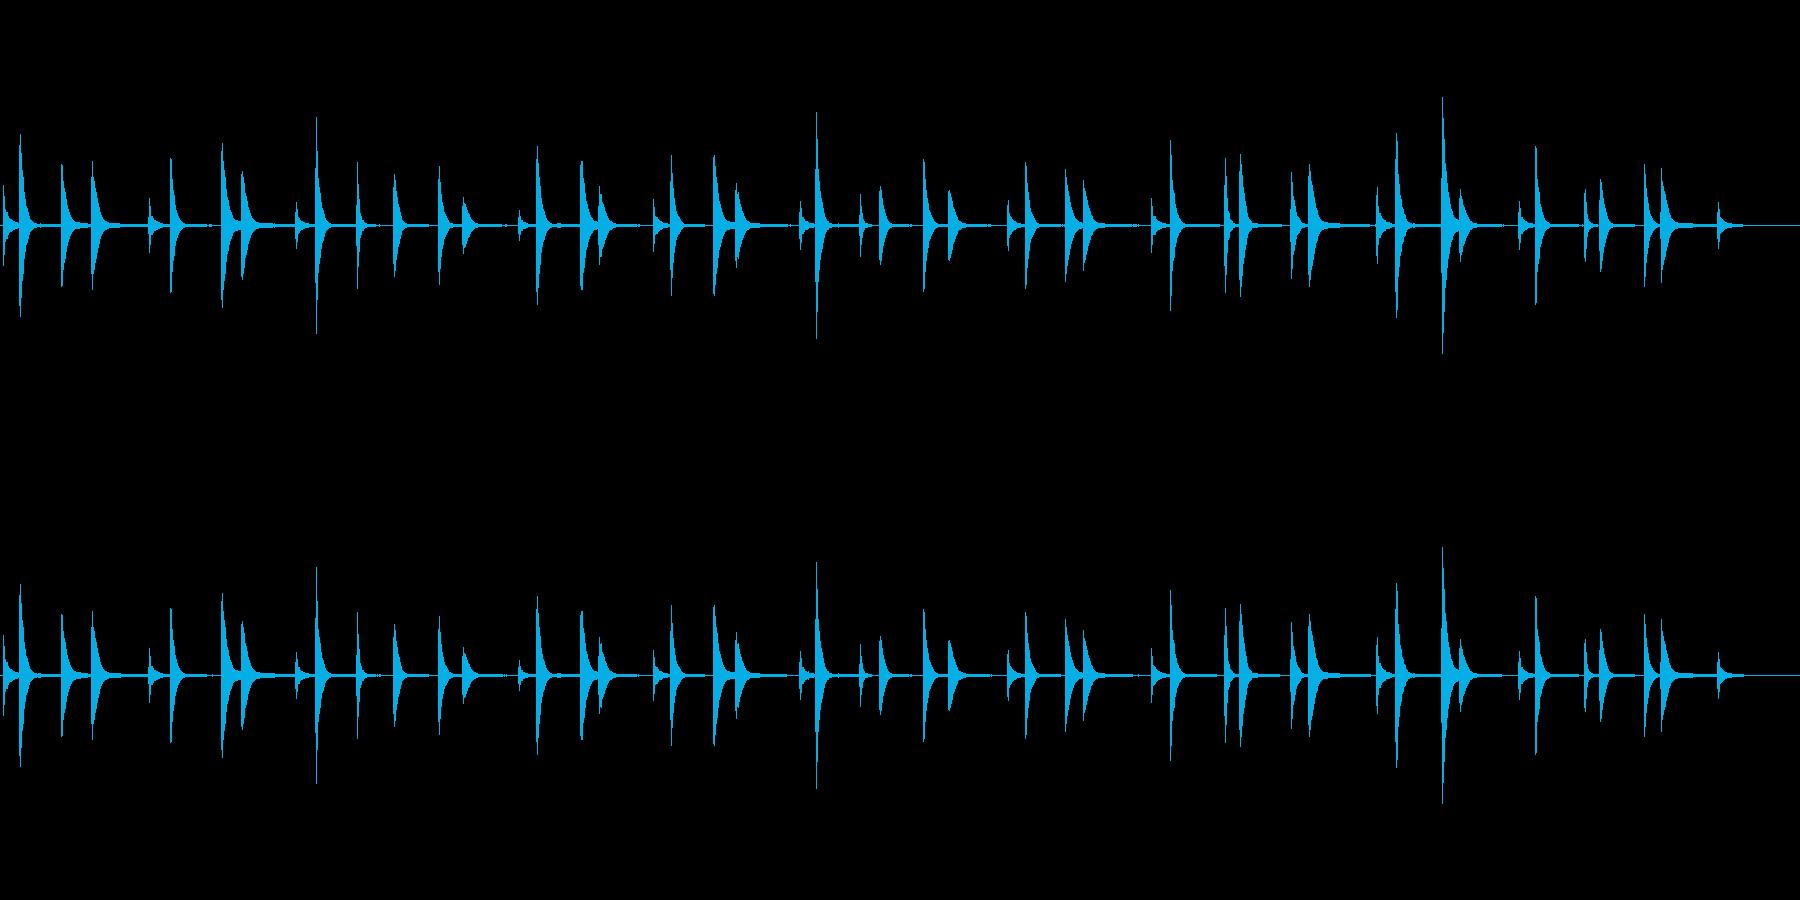 恐怖で不思議なピアノのBGMの再生済みの波形